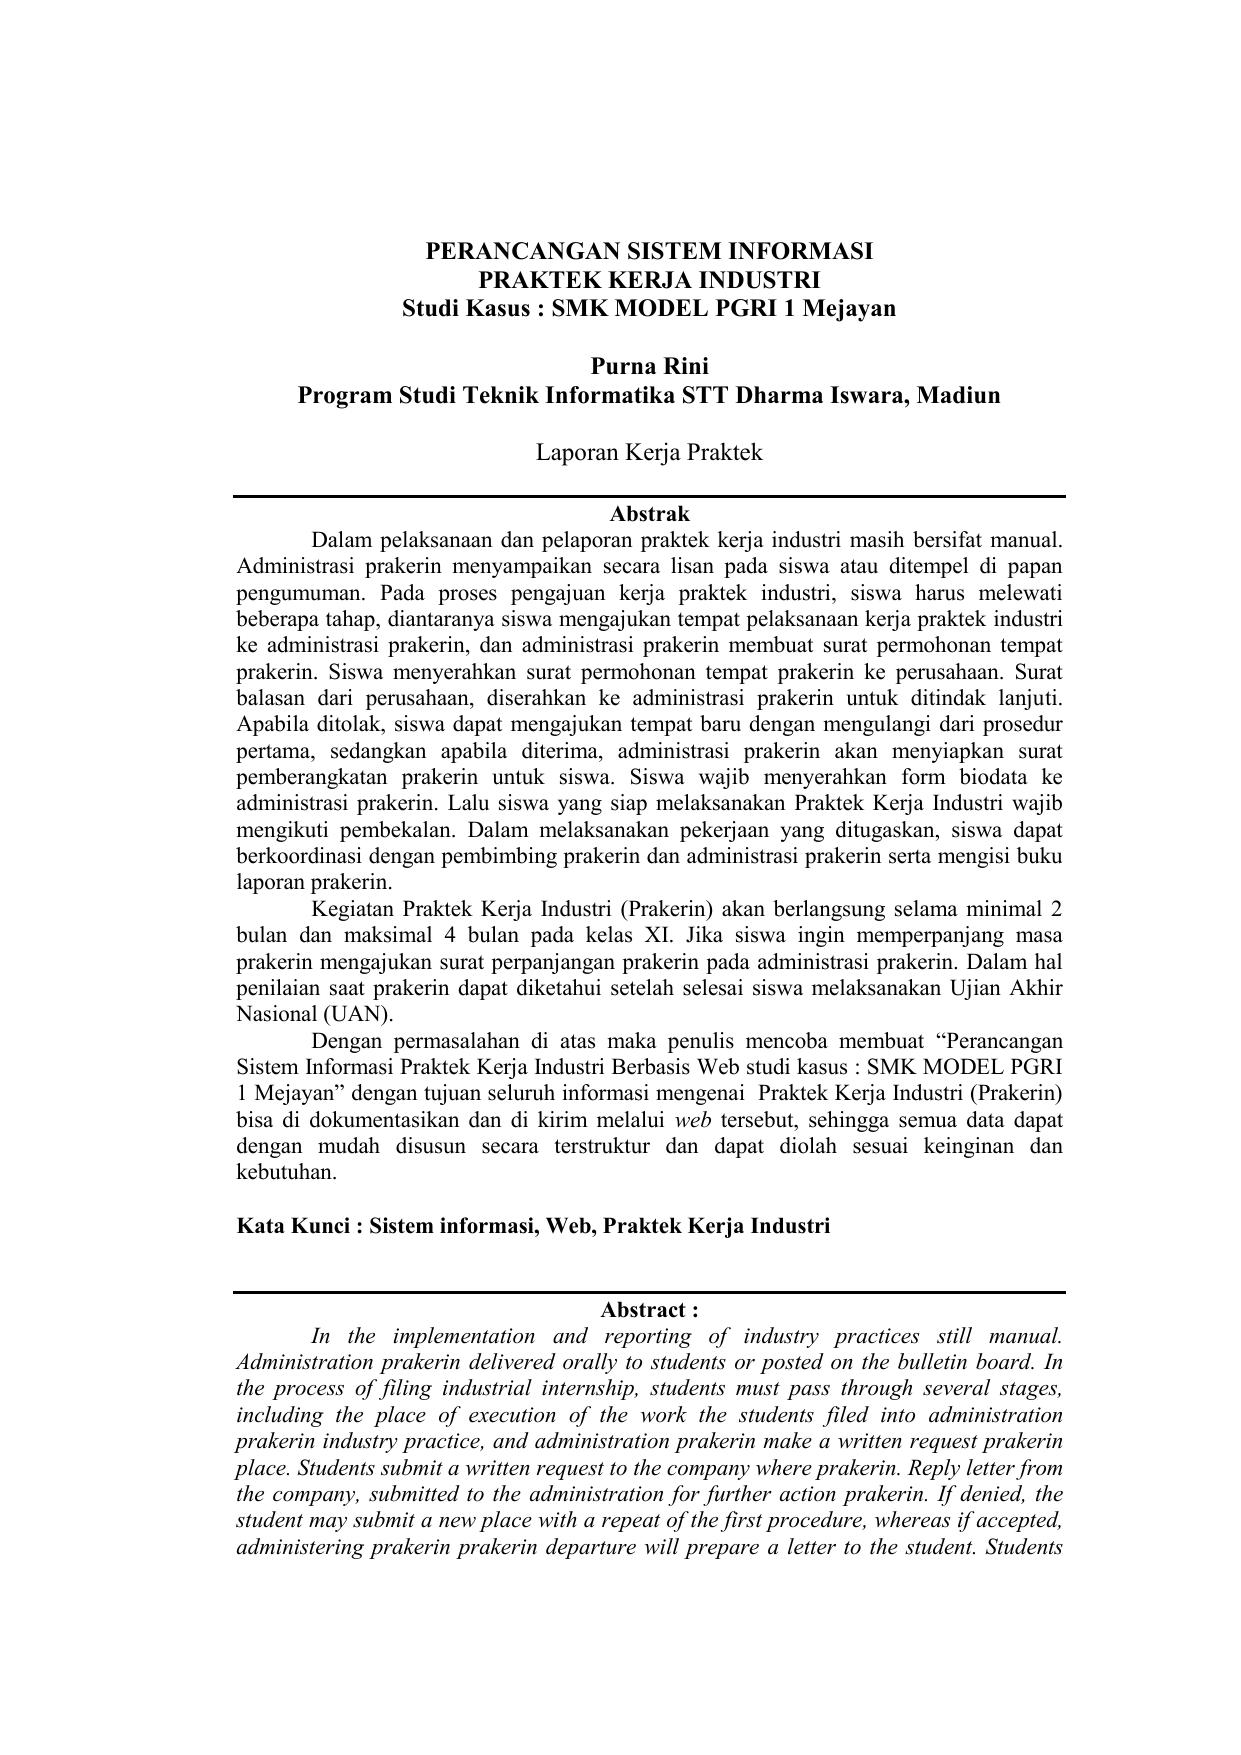 Perancangan Sistem Informasi Praktek Kerja Industri